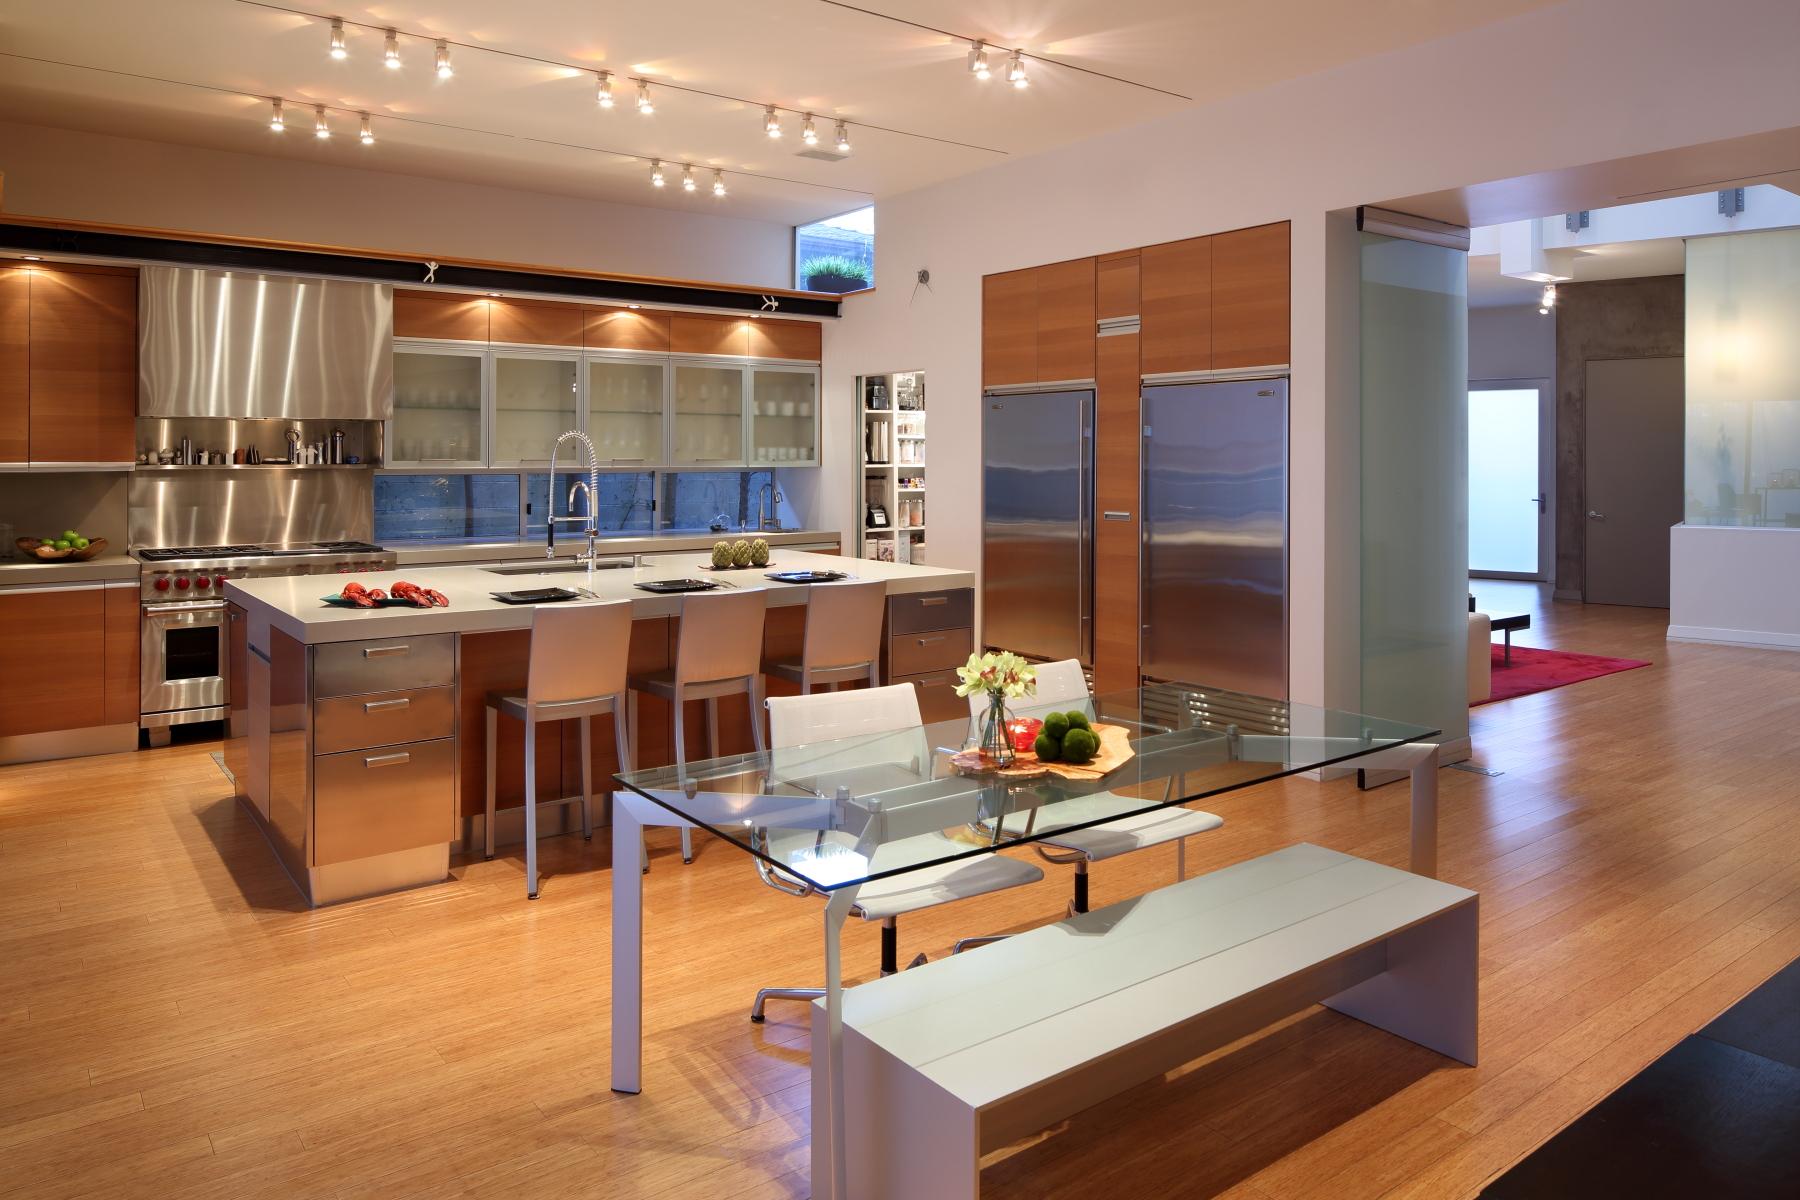 06-kitchen2.JPG